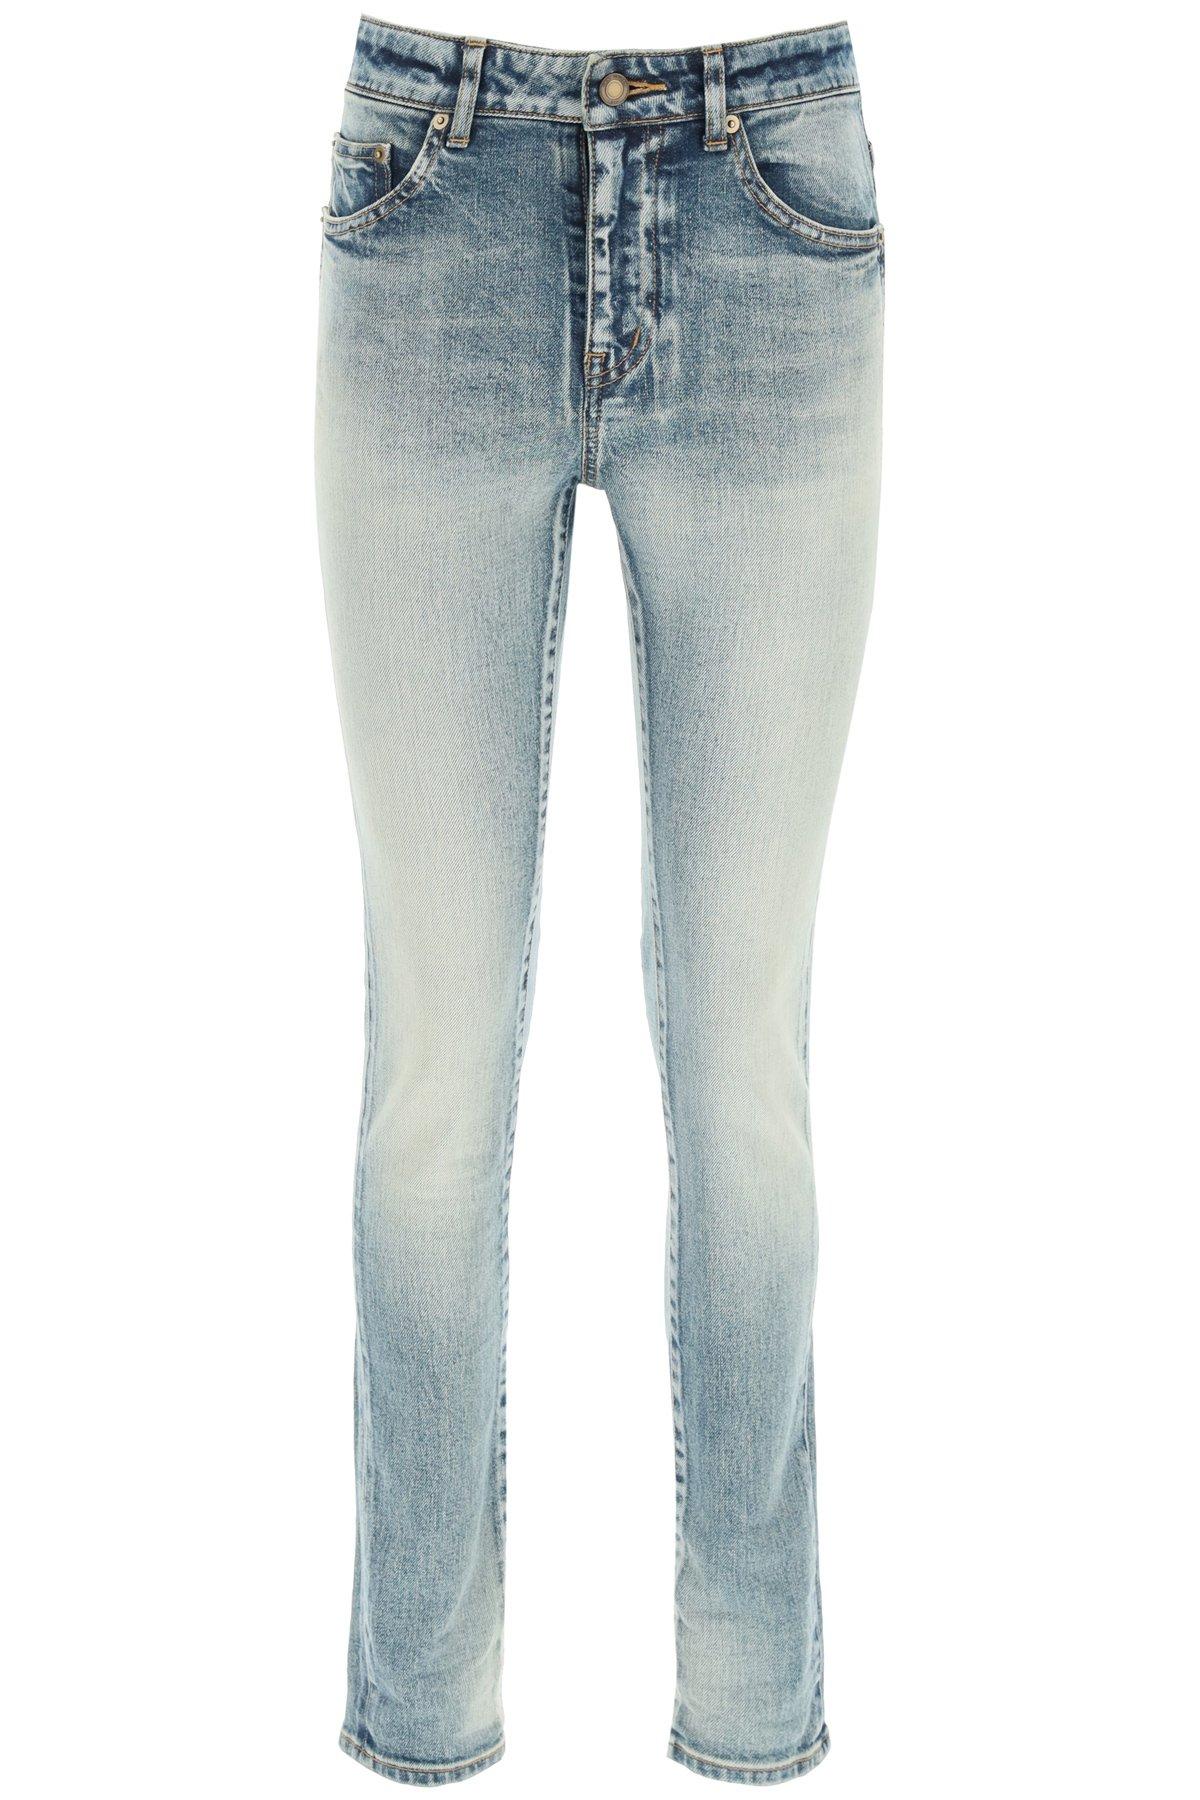 Saint laurent jeans denim skinny